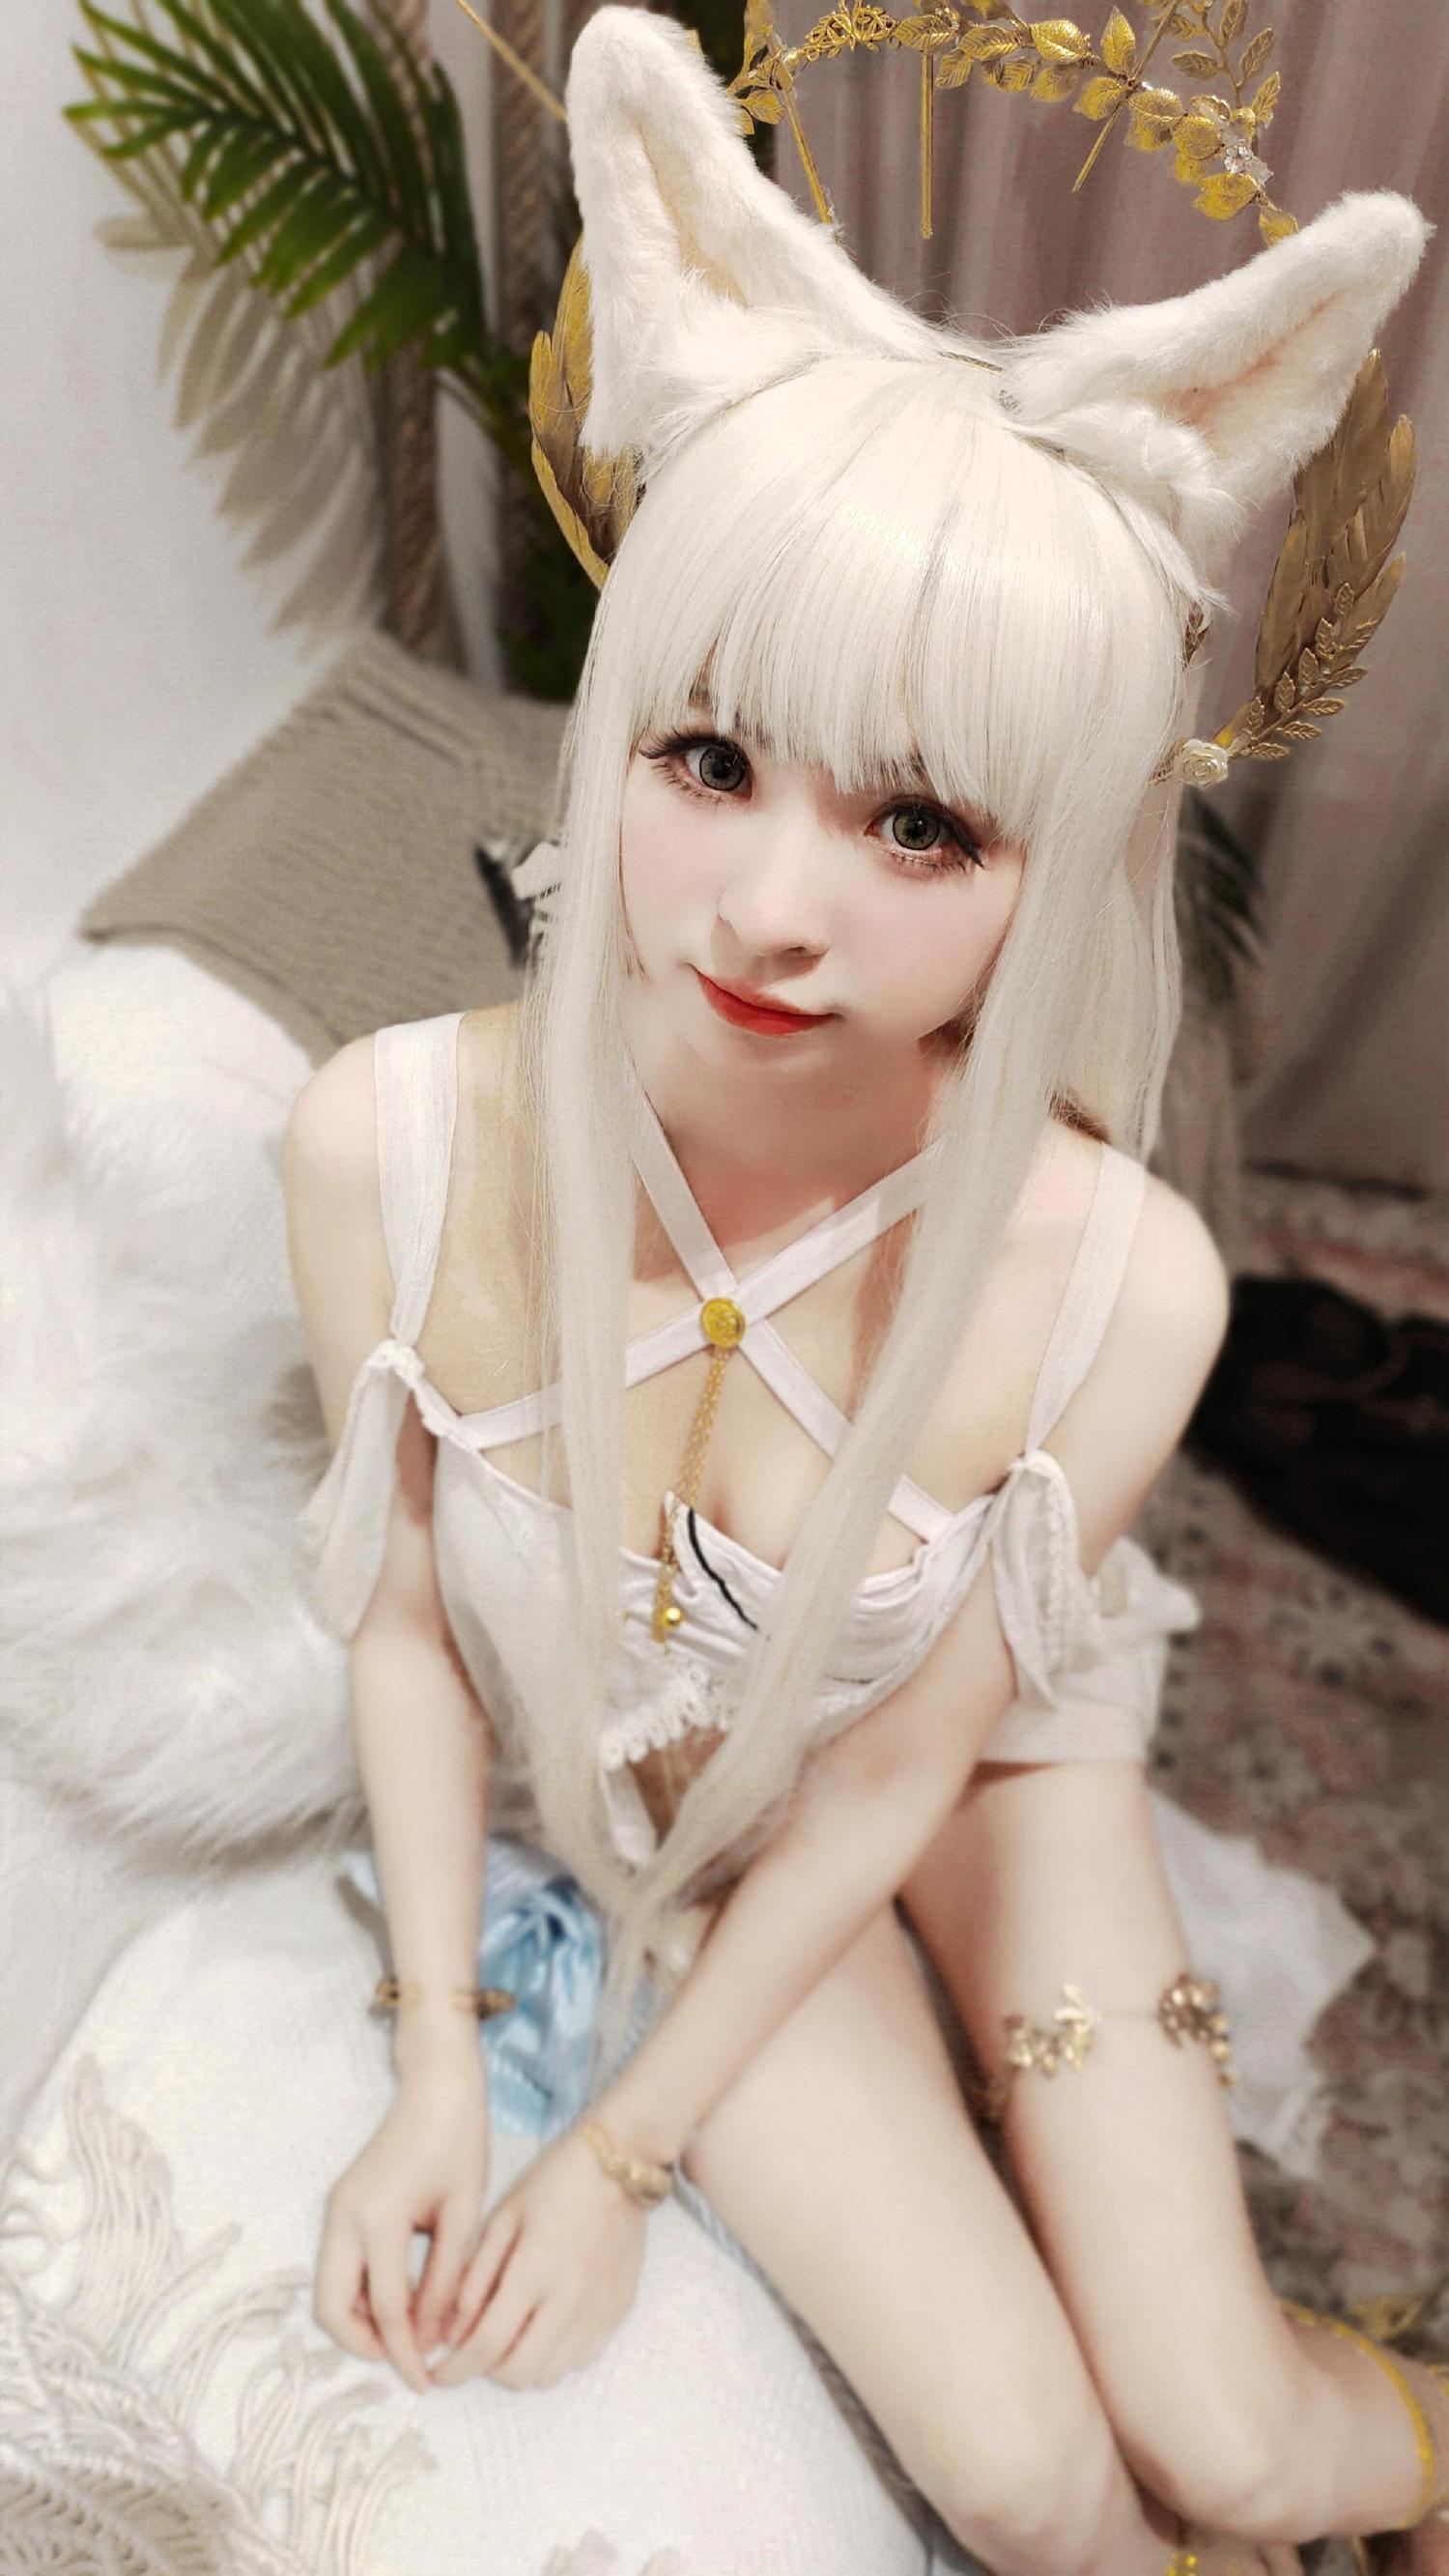 《明日方舟》明日方舟白金cosplay【CN:红叶之祭礼】 -王昭君cosplay图片王者插图